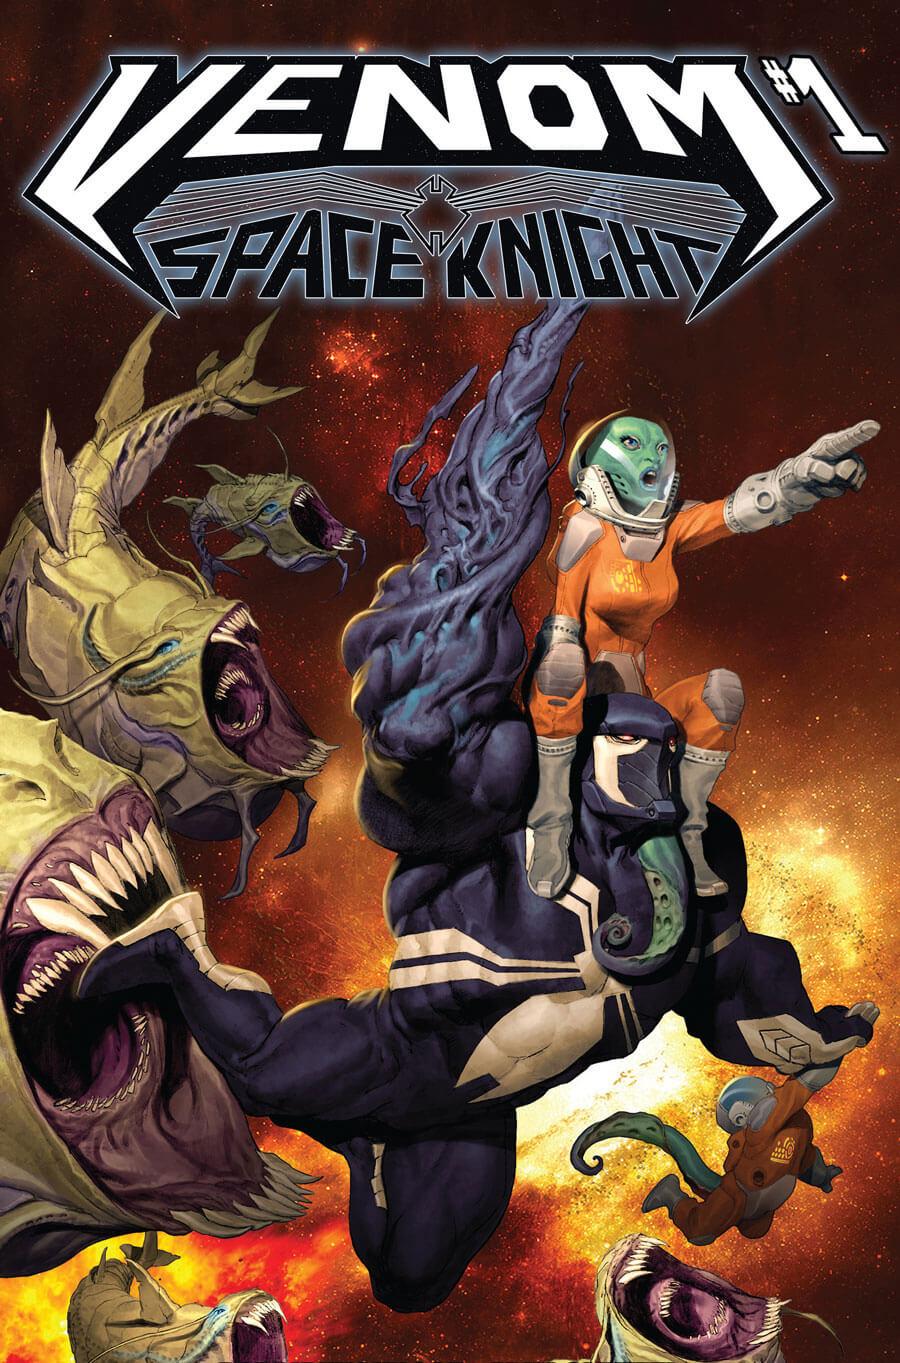 Venom: Space Knight